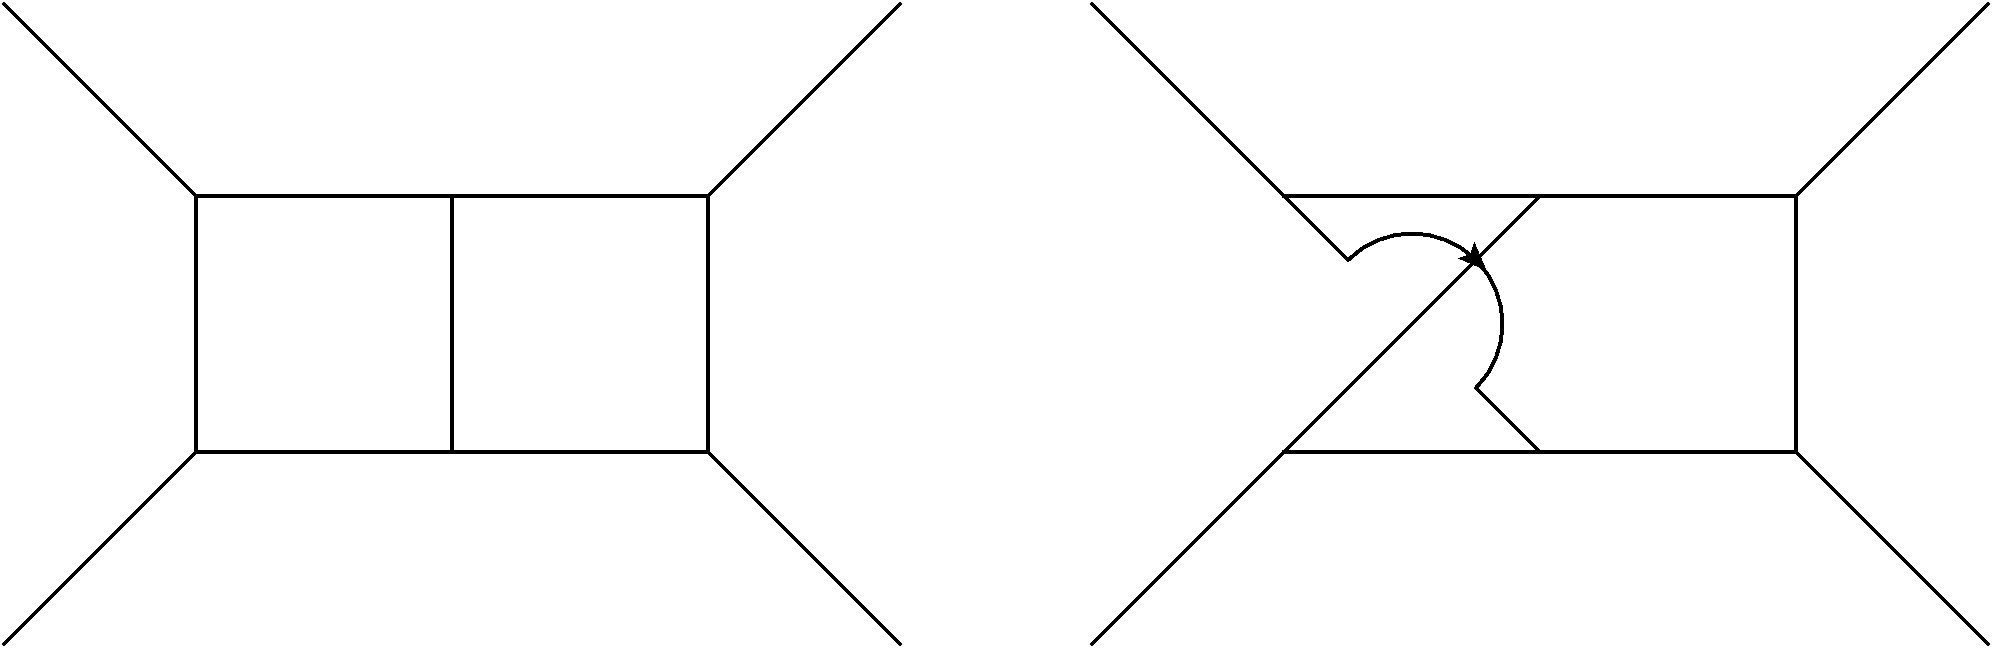 planarity1